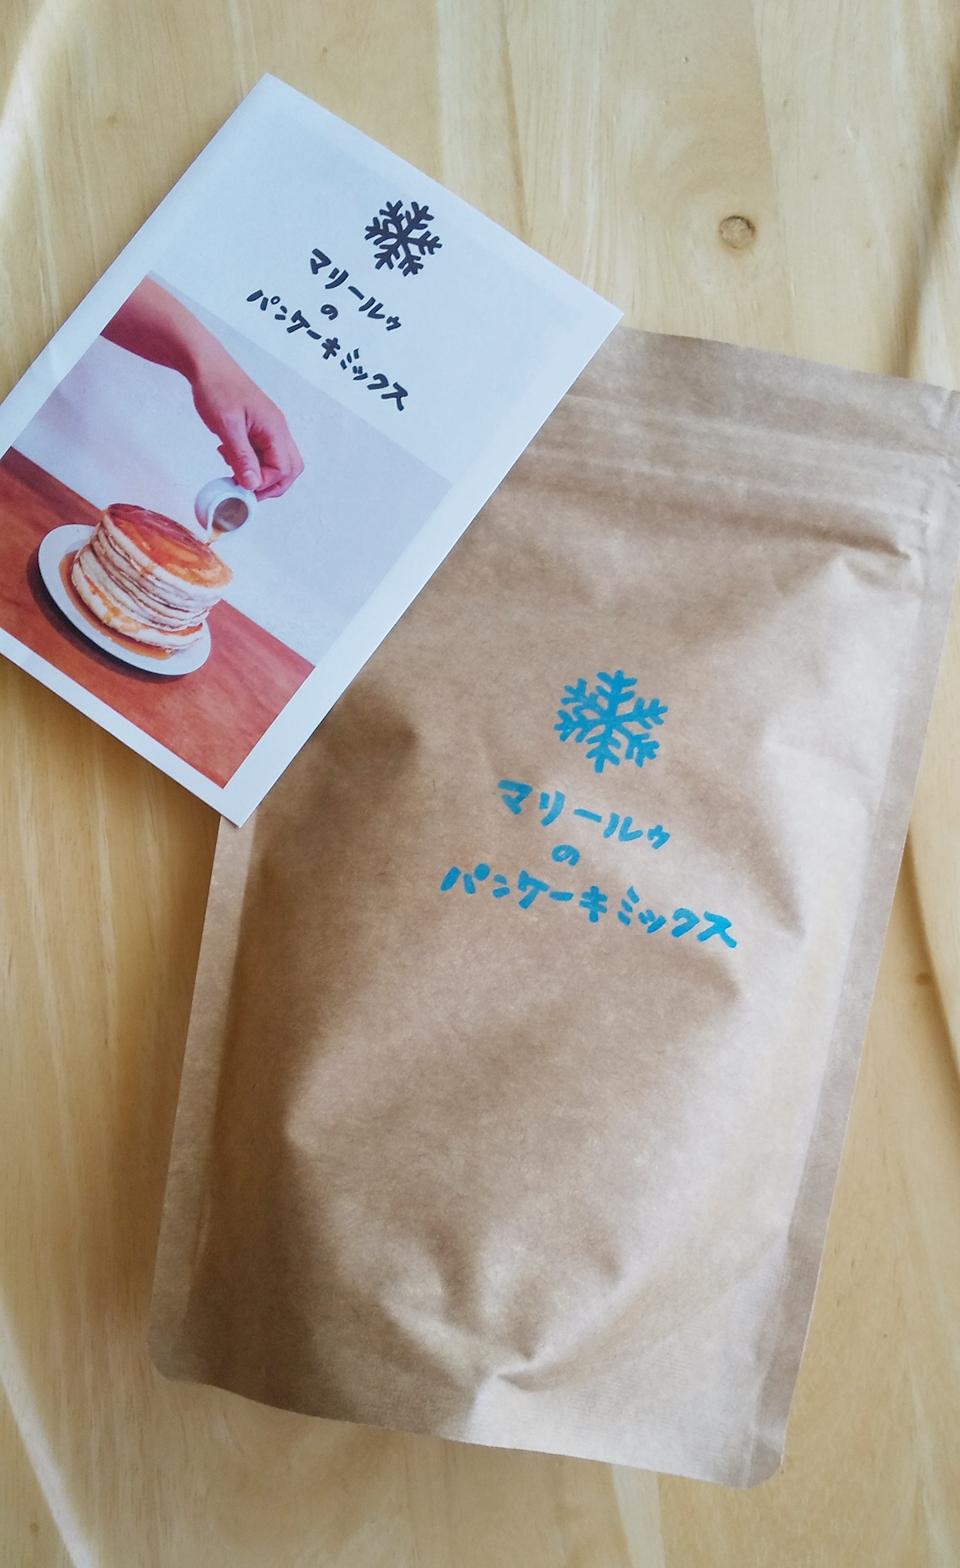 《おうちカフェ》卵も牛乳も不使用!マリールゥのパンケーキミックスで、幸せおうち時間_2